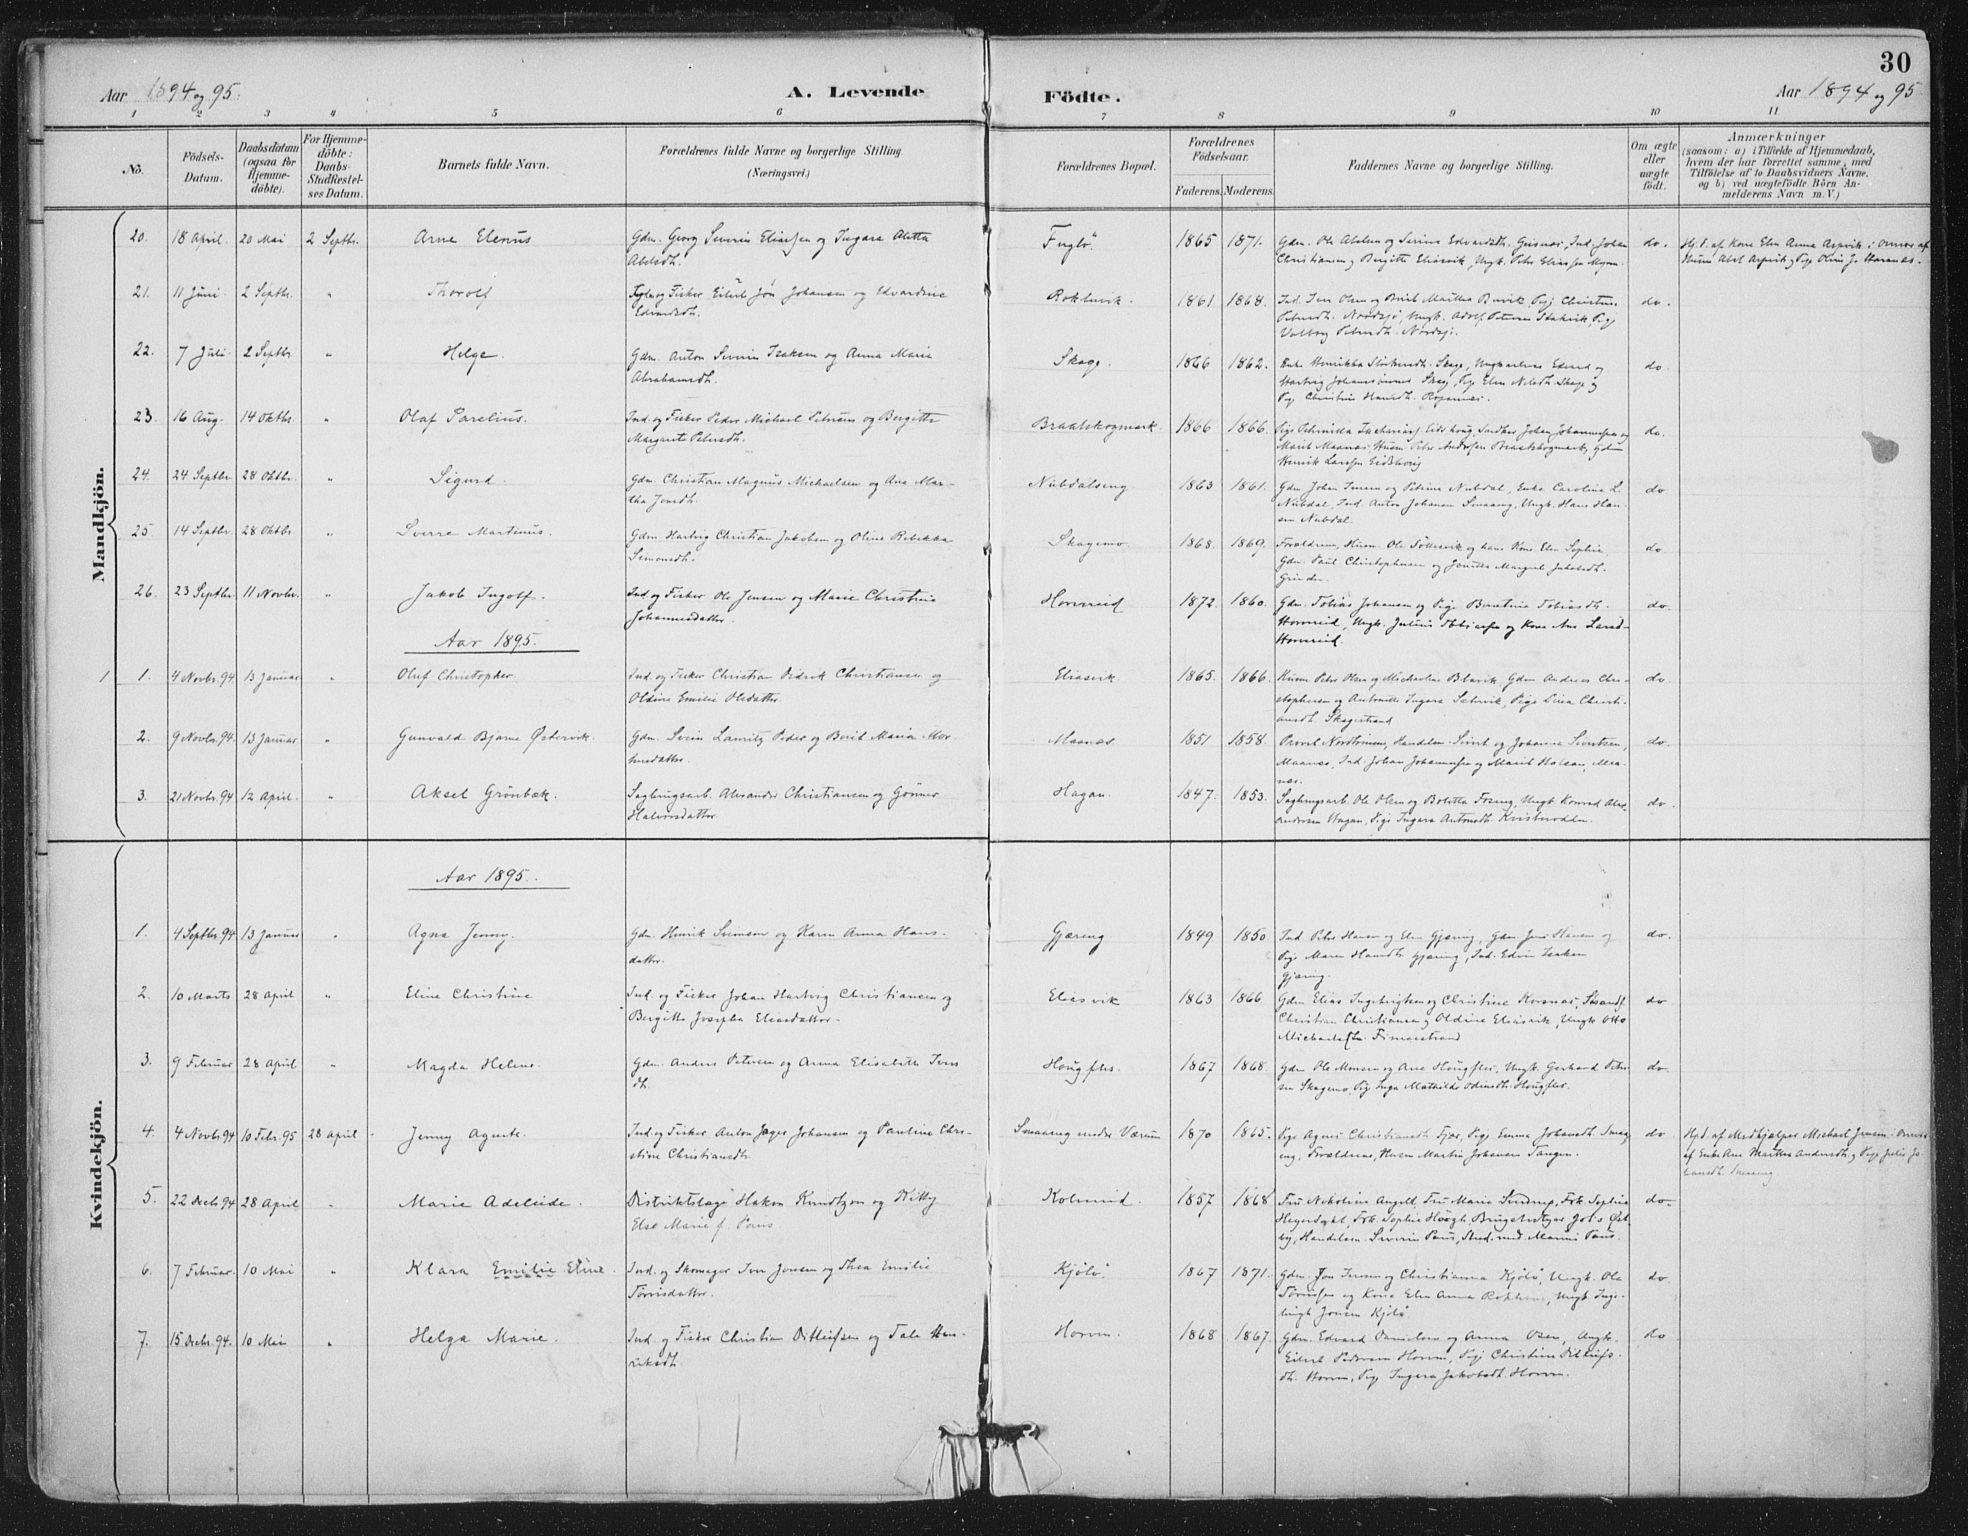 SAT, Ministerialprotokoller, klokkerbøker og fødselsregistre - Nord-Trøndelag, 780/L0644: Ministerialbok nr. 780A08, 1886-1903, s. 30